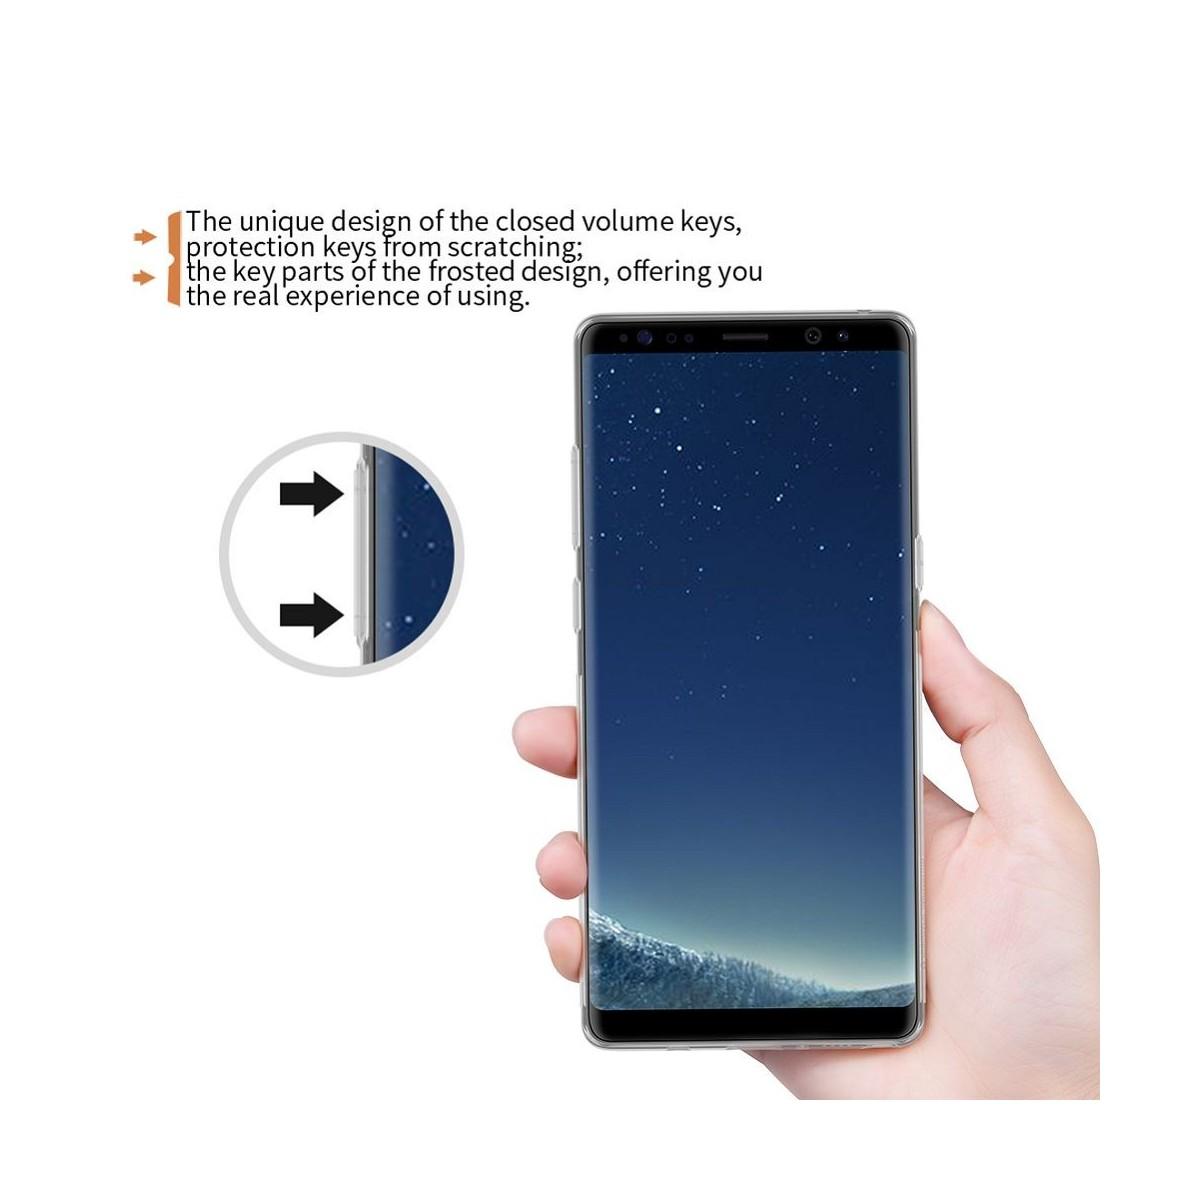 Coque Galaxy Note 8 Transparente en plastique souple - Nillkin